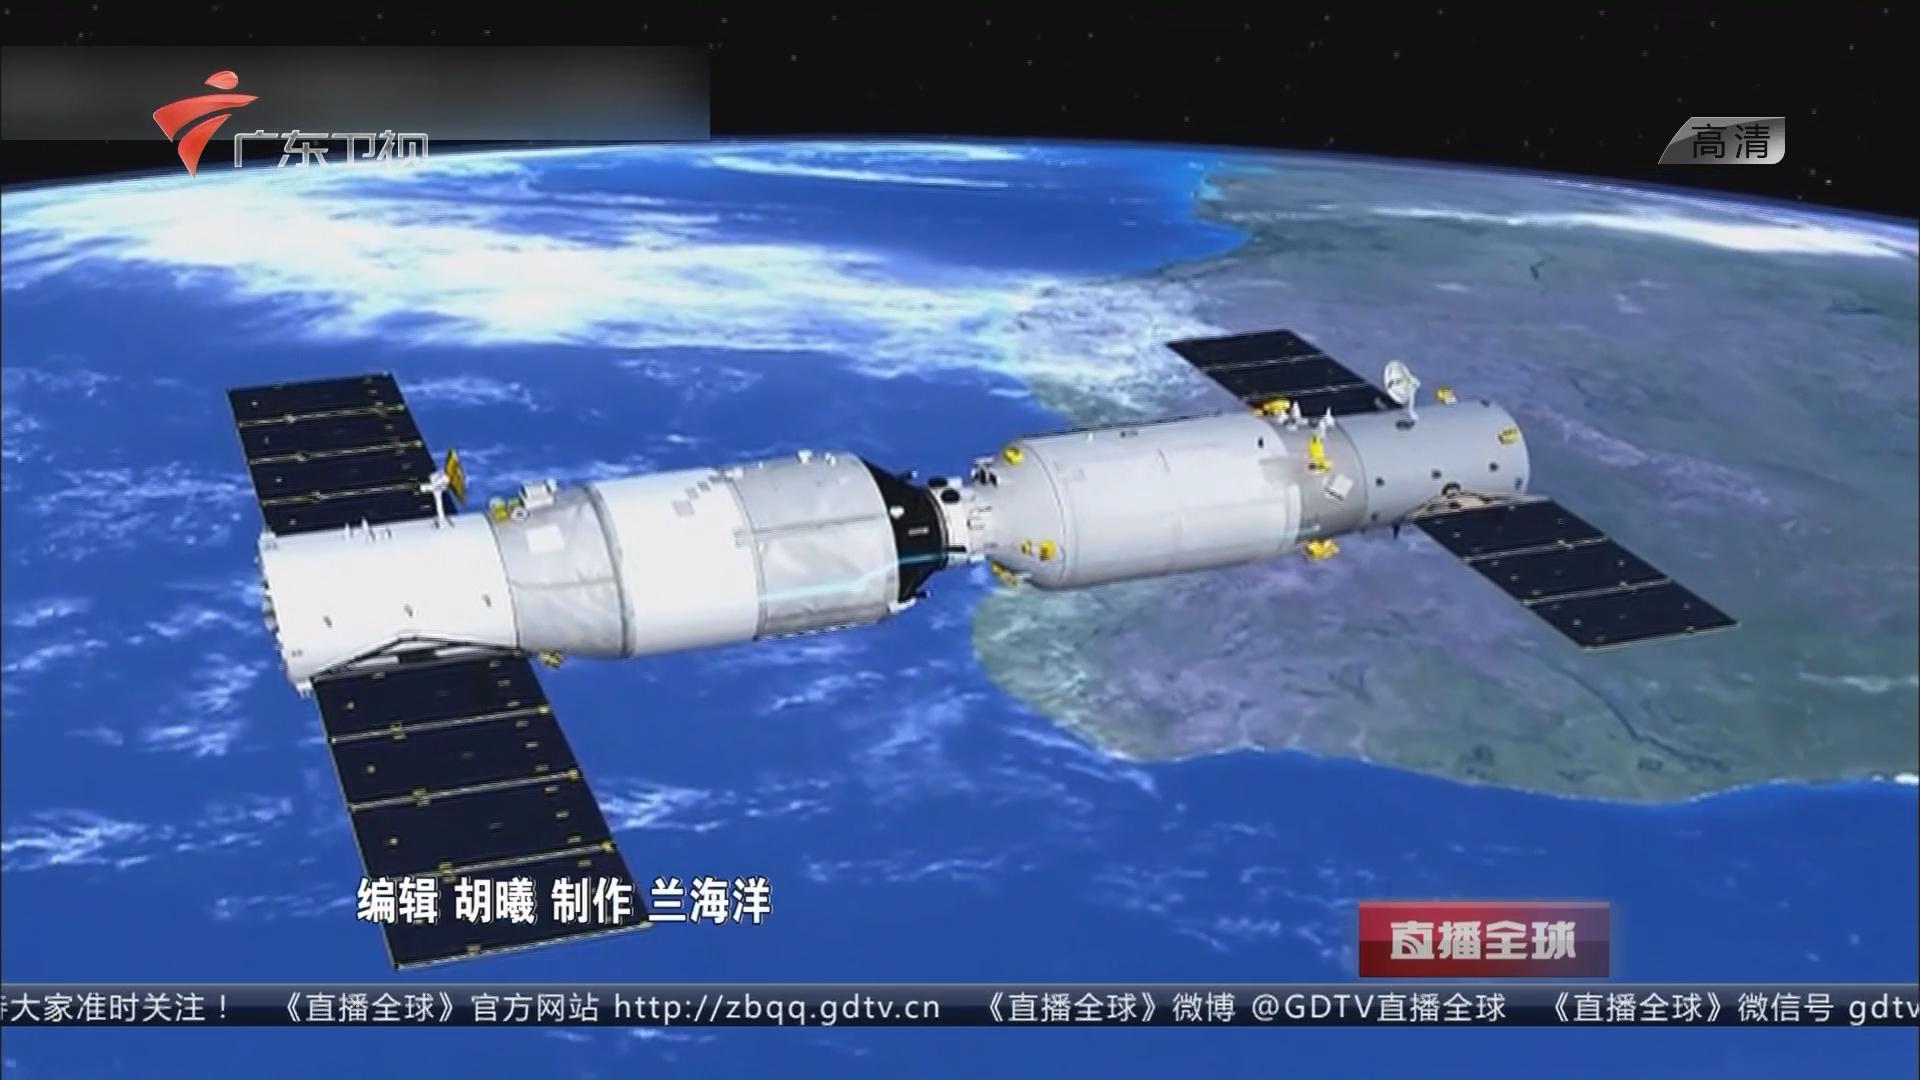 第二届中国航天日 1970年4月24日中国跨入探索太空行列